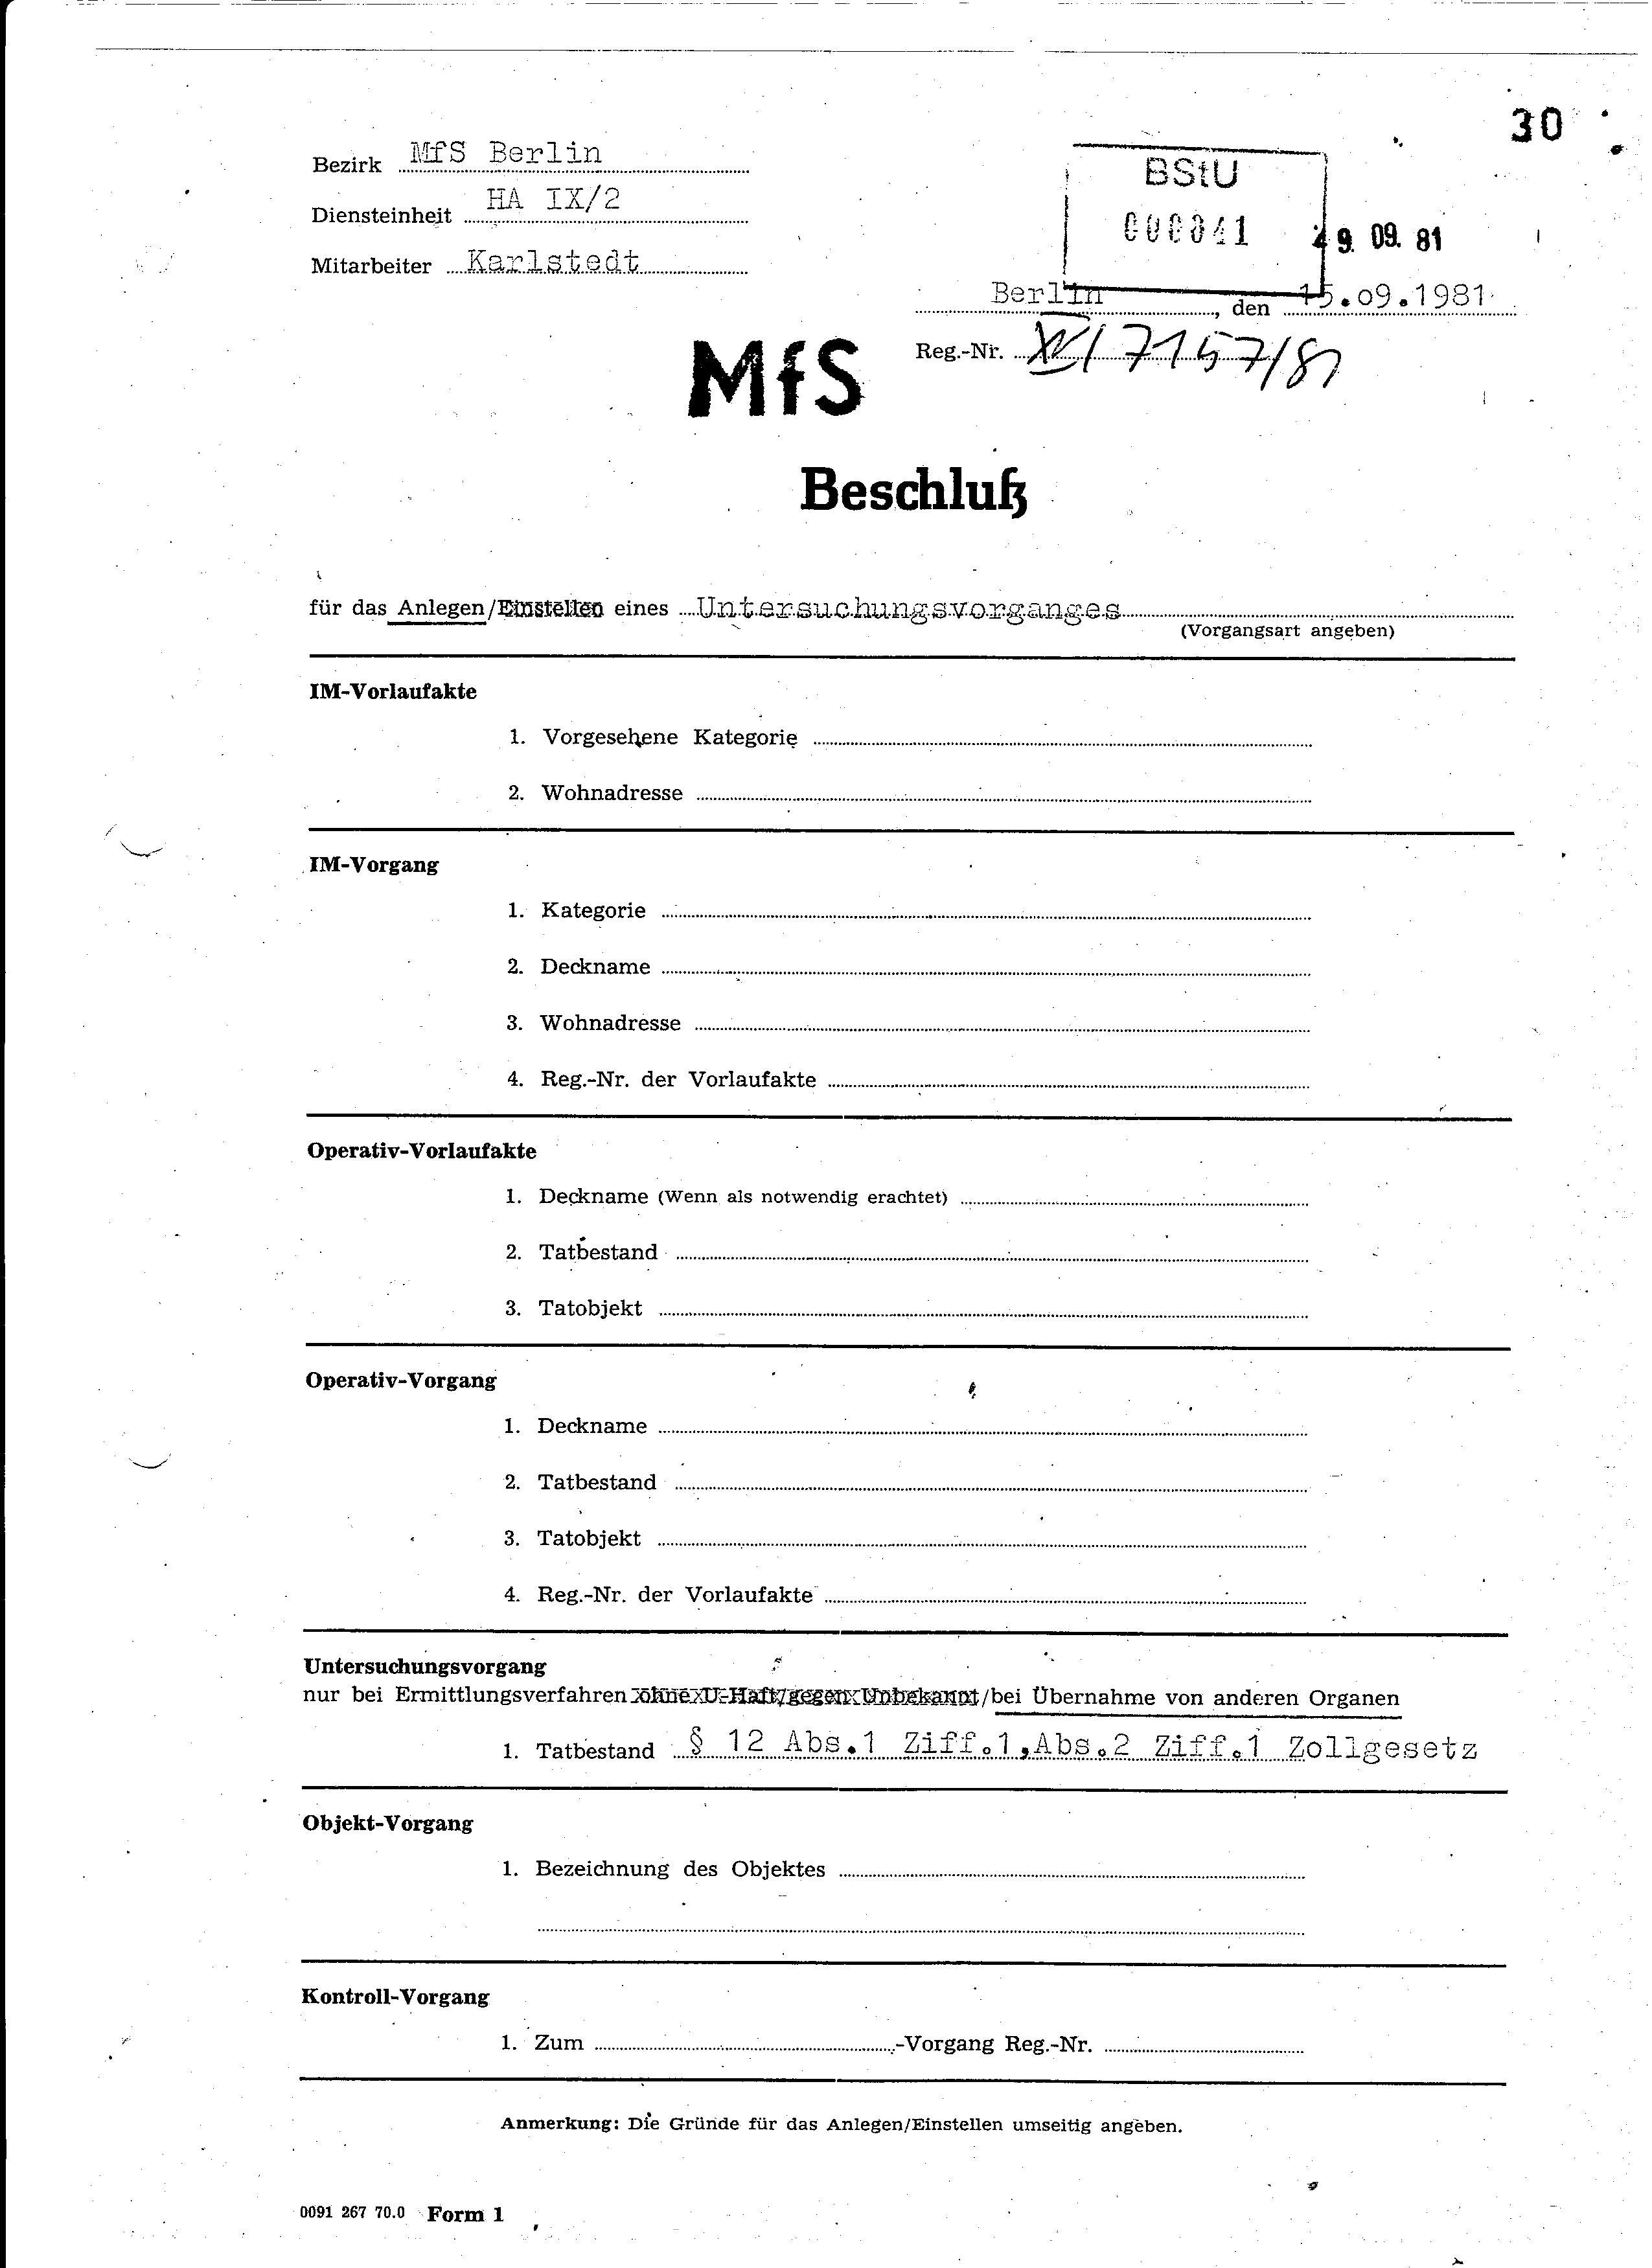 MfS Reg.-Nr. XV/7157/81 Beschluß für das Anlegen eines Untersuchungsvorganges §12 Abs.1 Ziff1, Abs.2 Ziff.1 Zollgesetz